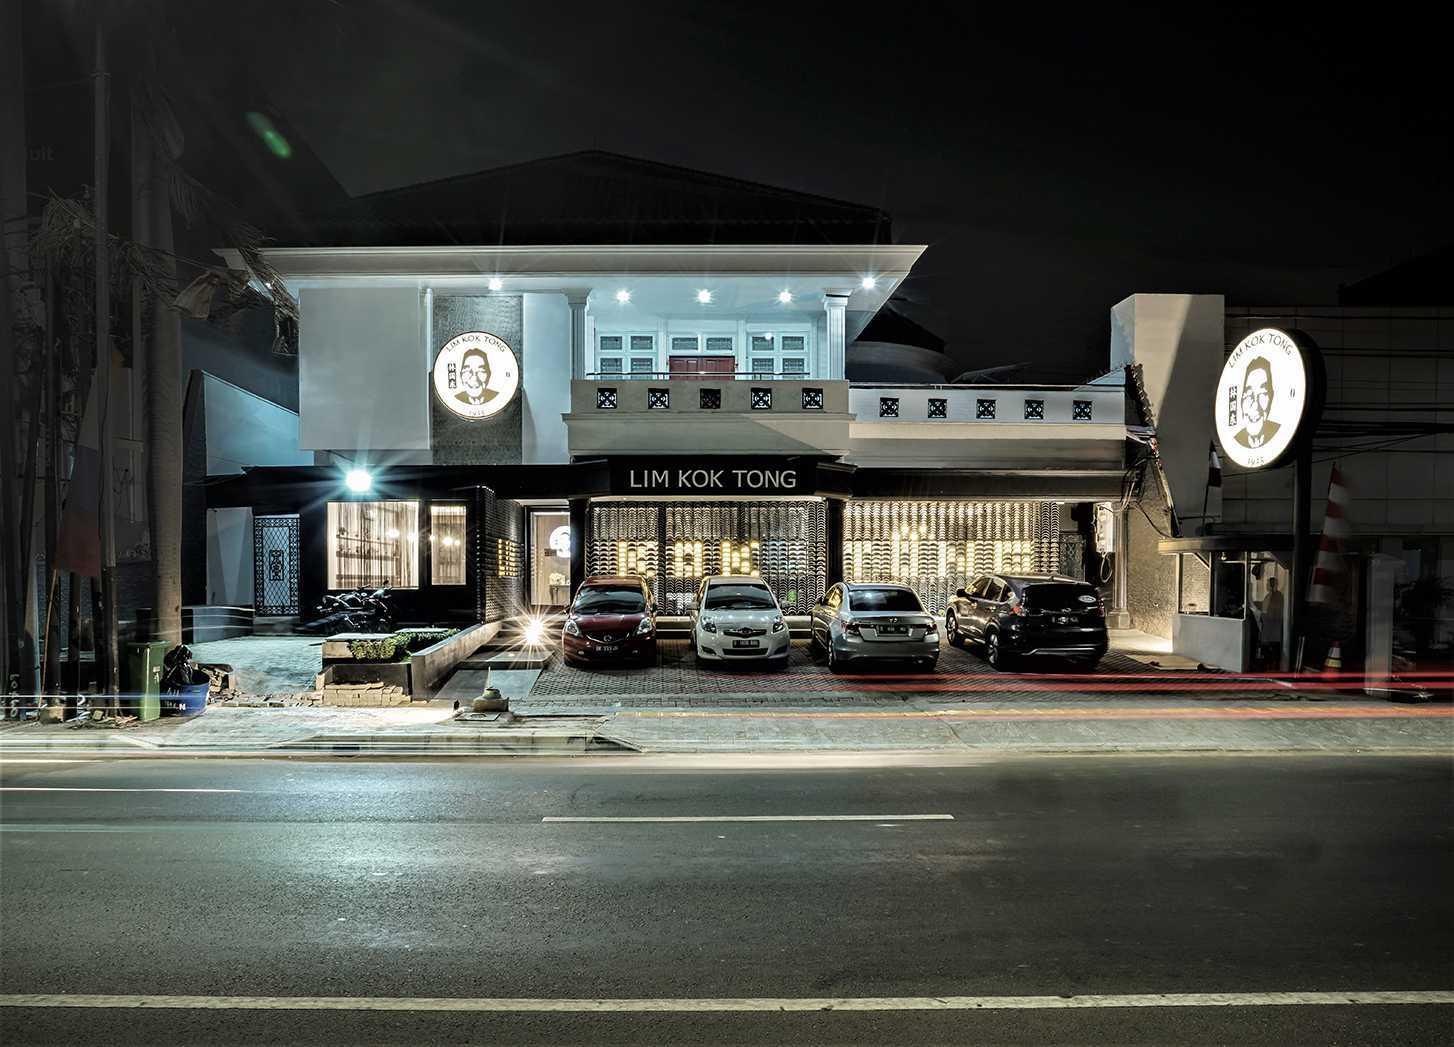 Einhaus Lim Kok Tong Kopitiam 1925 4, Jl. Pluit Indah No.16, Rt.8/rw.6, Pluit, Kec. Penjaringan, Kota Jkt Utara, Daerah Khusus Ibukota Jakarta 14450, Indonesia 4, Jl. Pluit Indah No.16, Rt.8/rw.6, Pluit, Kec. Penjaringan, Kota Jkt Utara, Daerah Khusus Ibukota Jakarta 14450, Indonesia Einhaus-Lim-Kok-Tong-Kopitiam-1925   105806